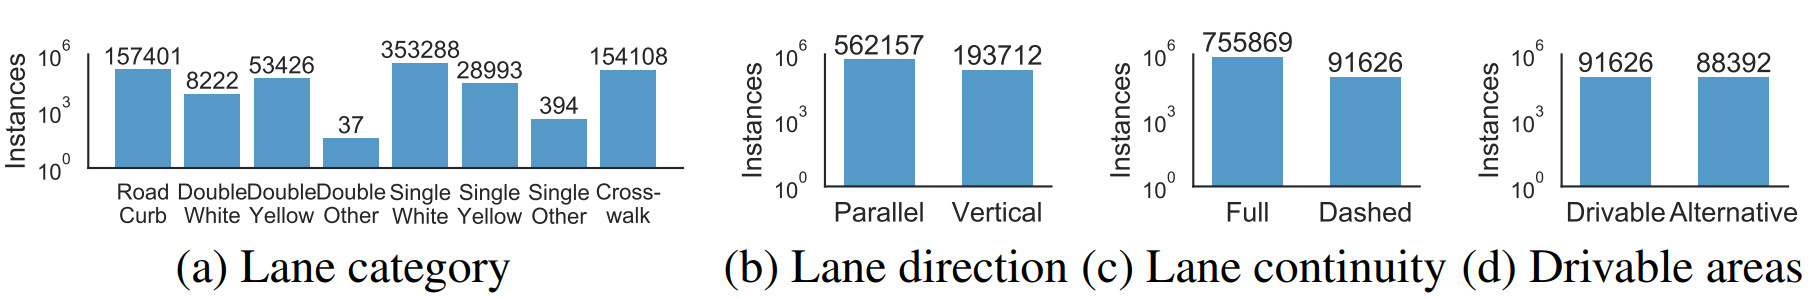 BDD100K Lane Markings Instances